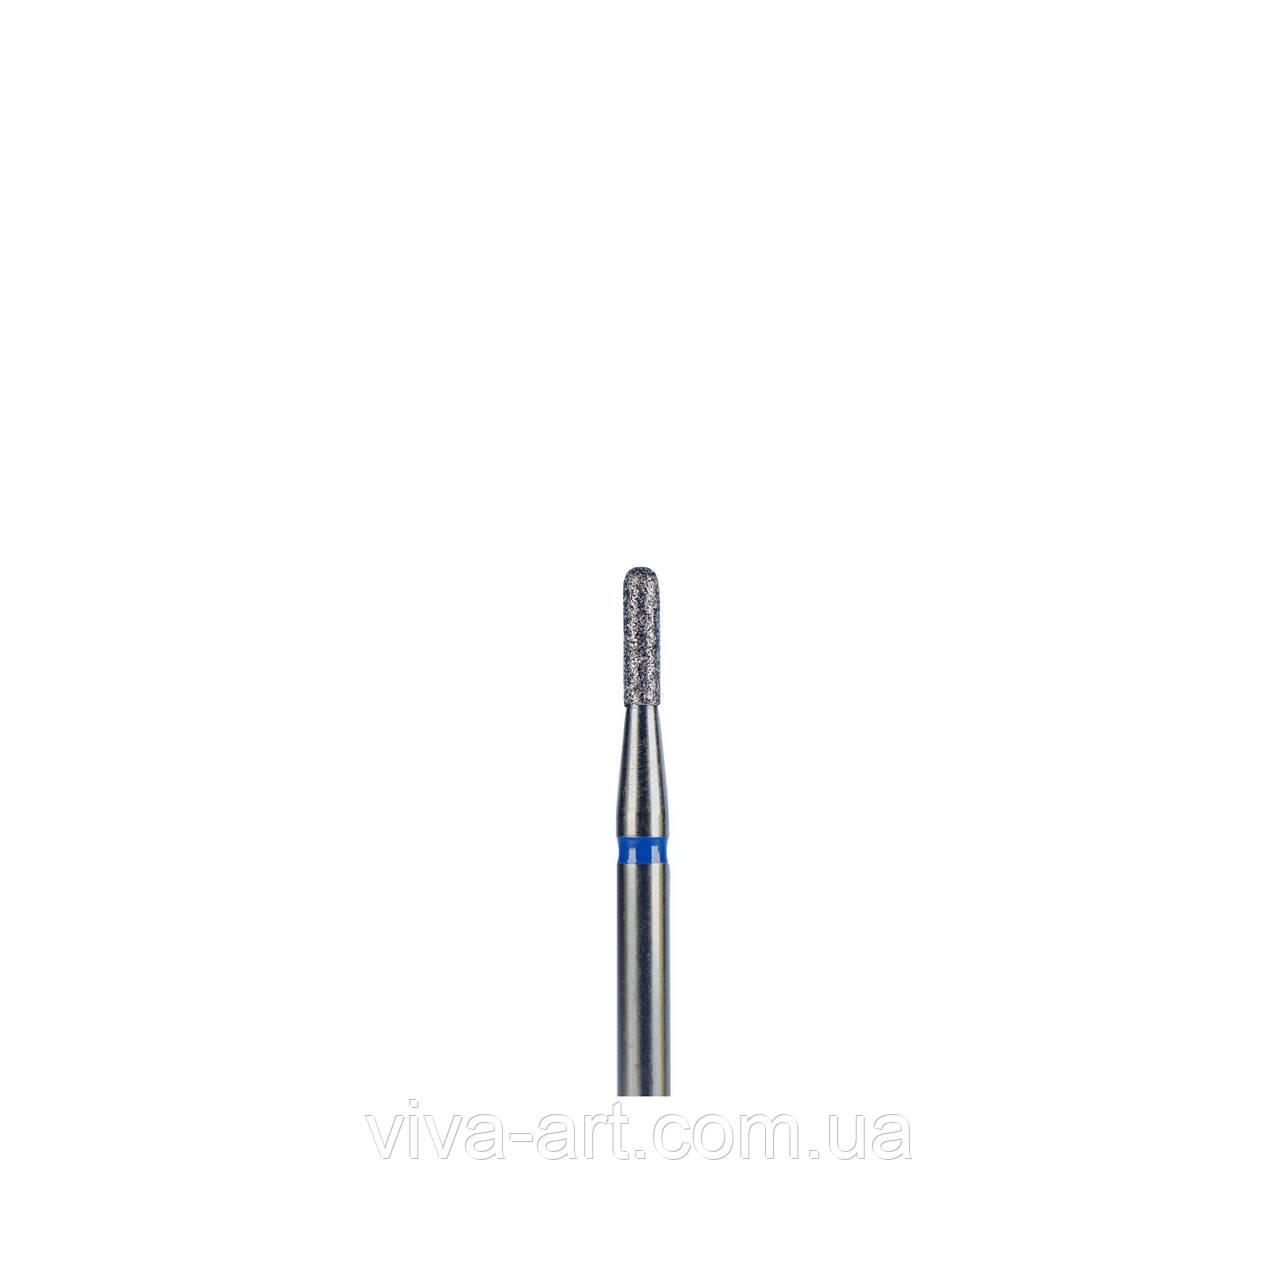 Алмазная насадка цилиндр закругленный, 1.6 мм, средний абразив, Meisinger (Германия)